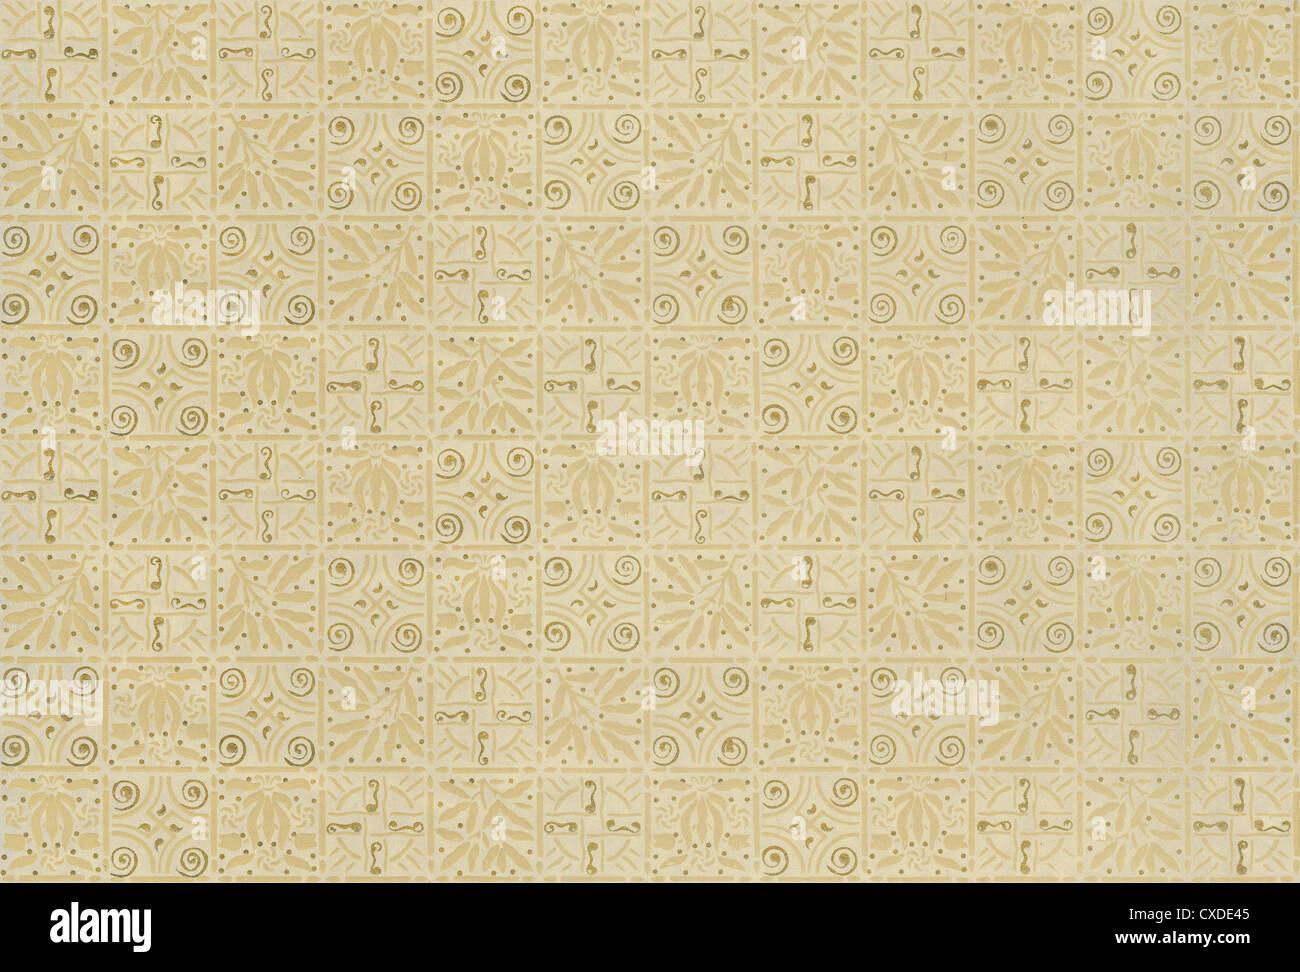 Circa ottanta la carta da parati in stile vittoriano. Questo autentico frammento può essere ripetuta o piastrellati. Immagini Stock